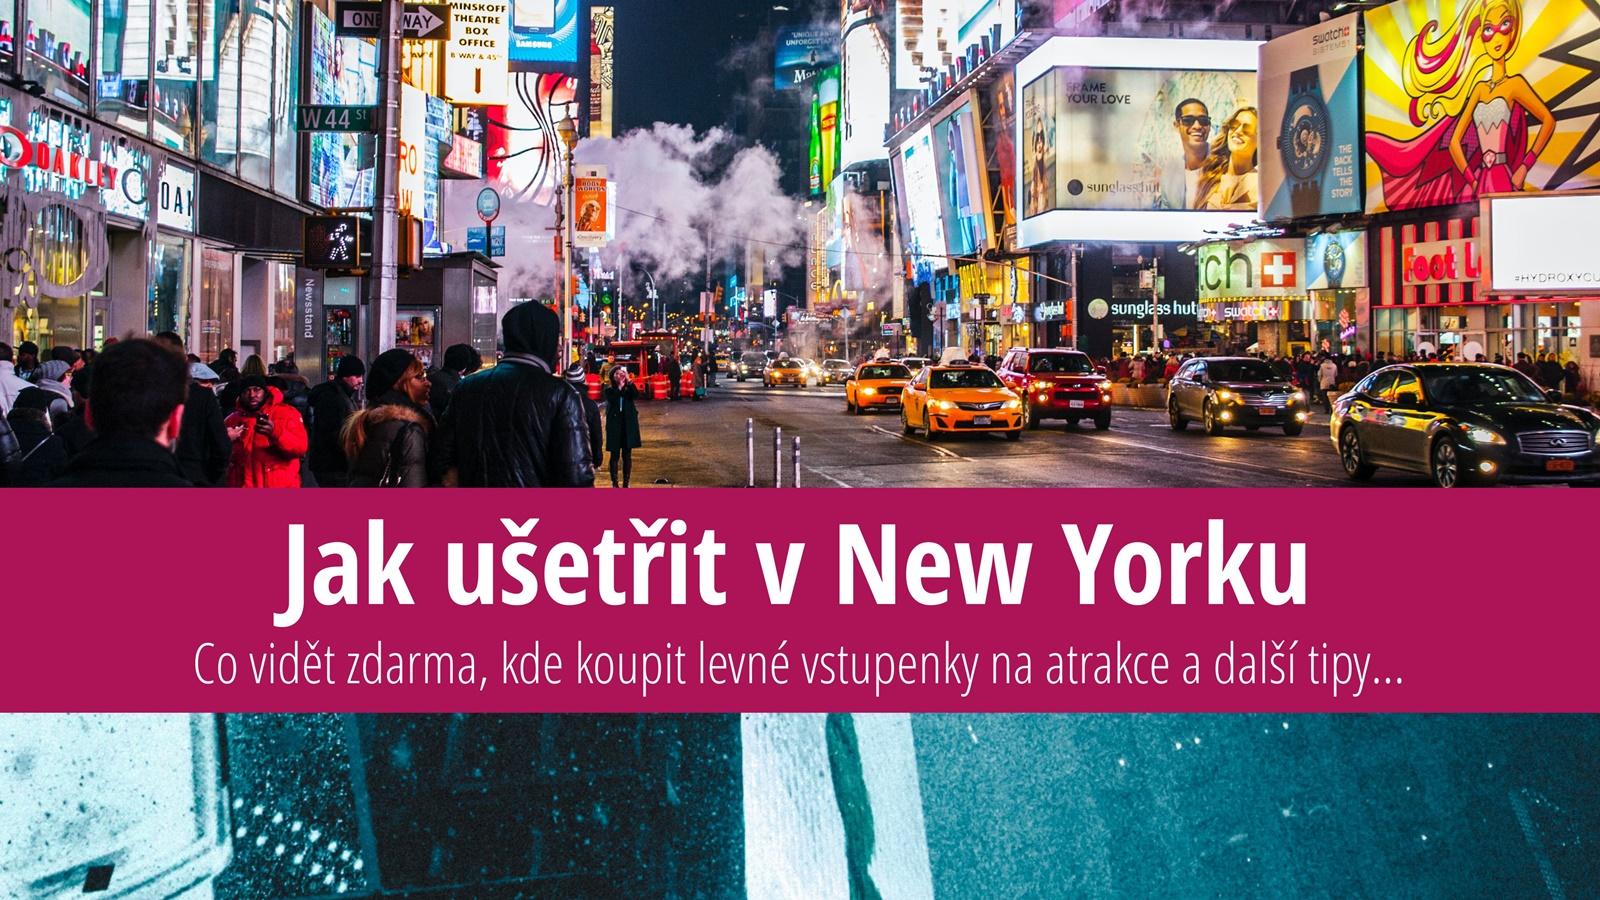 nejlepší místo pro připojení v New Yorkuseznamka webu redbook